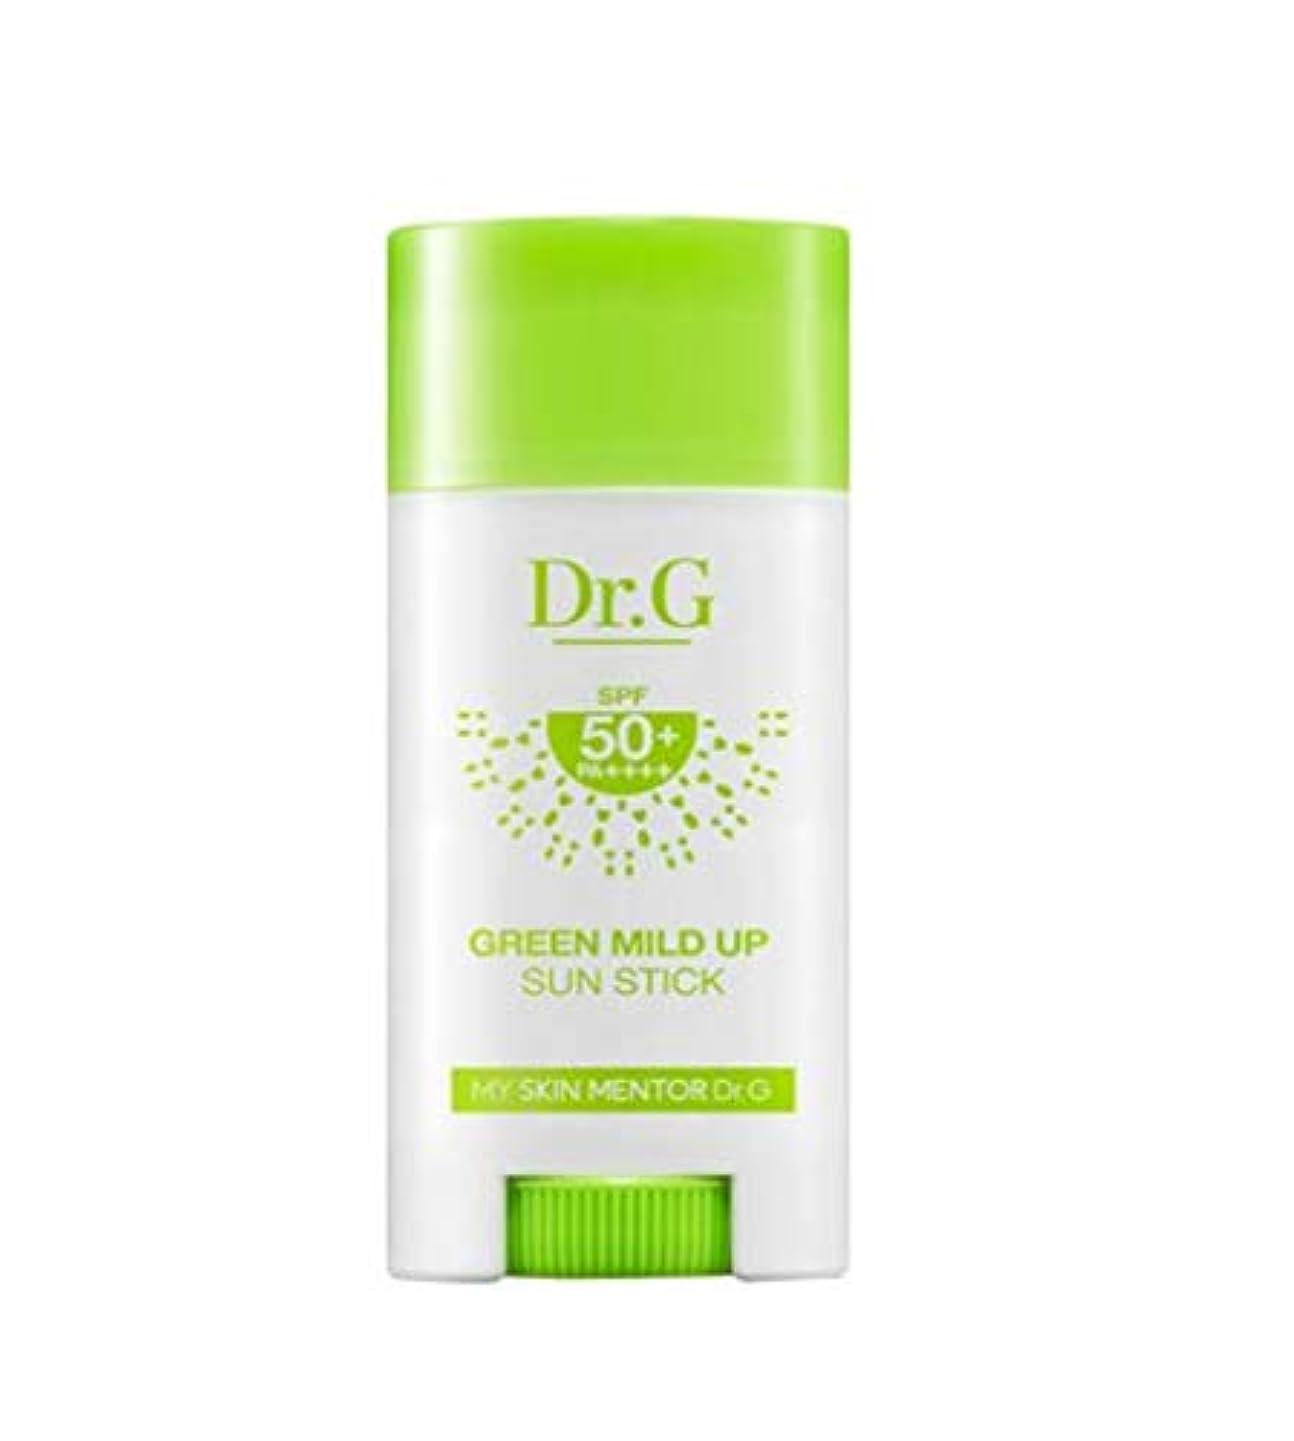 スーパーマーケット簡略化する敬Dr.G GREEN MILD UP Sun Stick 15g SPF50+ PA++++ 日焼け止めパーフェクトUVネック?手?足の甲?部分的に塗って修正スティック [並行輸入品]